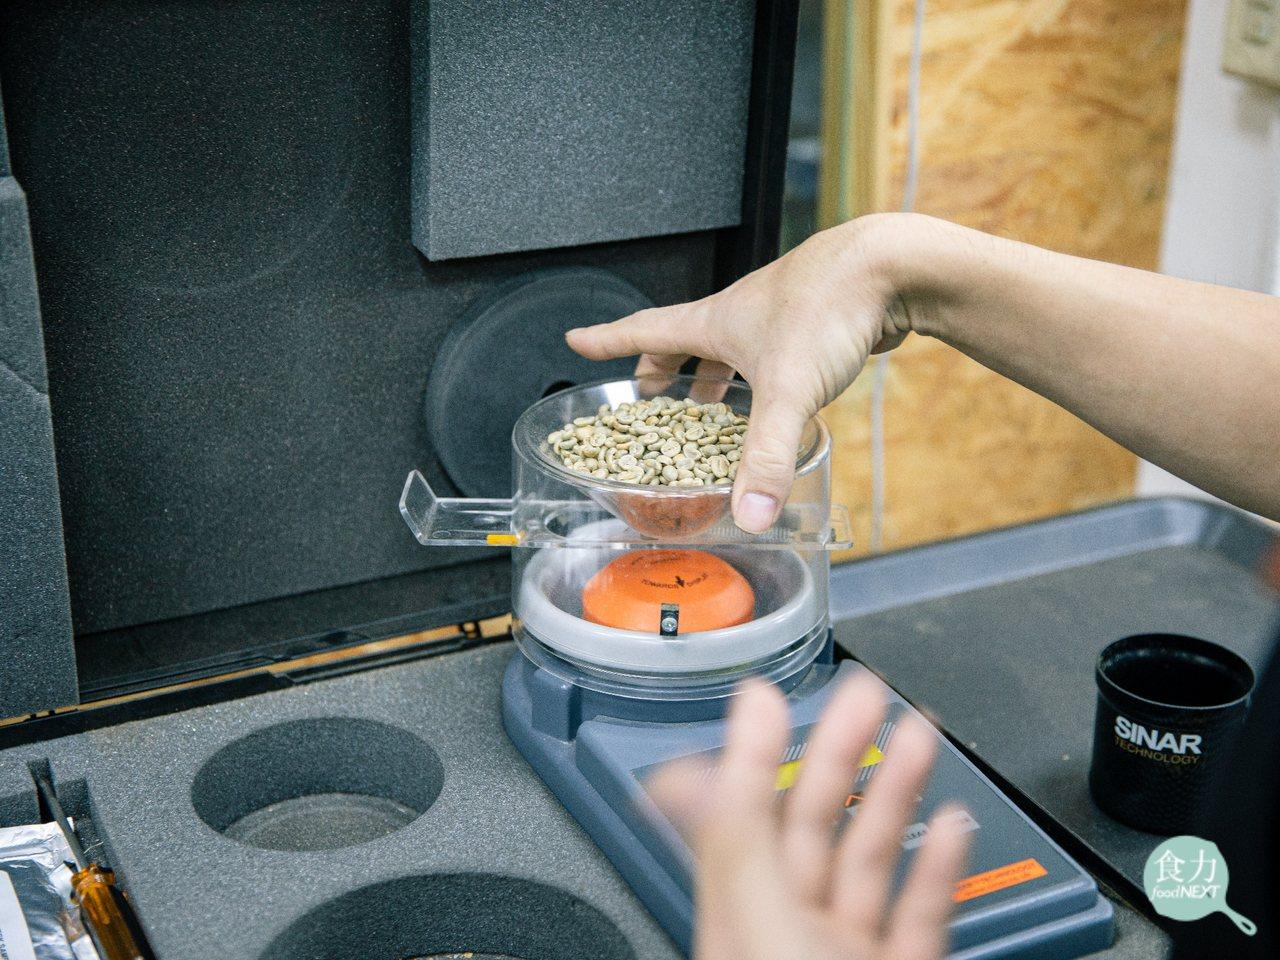 接著,生豆會用機器再檢測含水率、密度等數值,確認生豆品質,也作為決定後續烘焙時間...